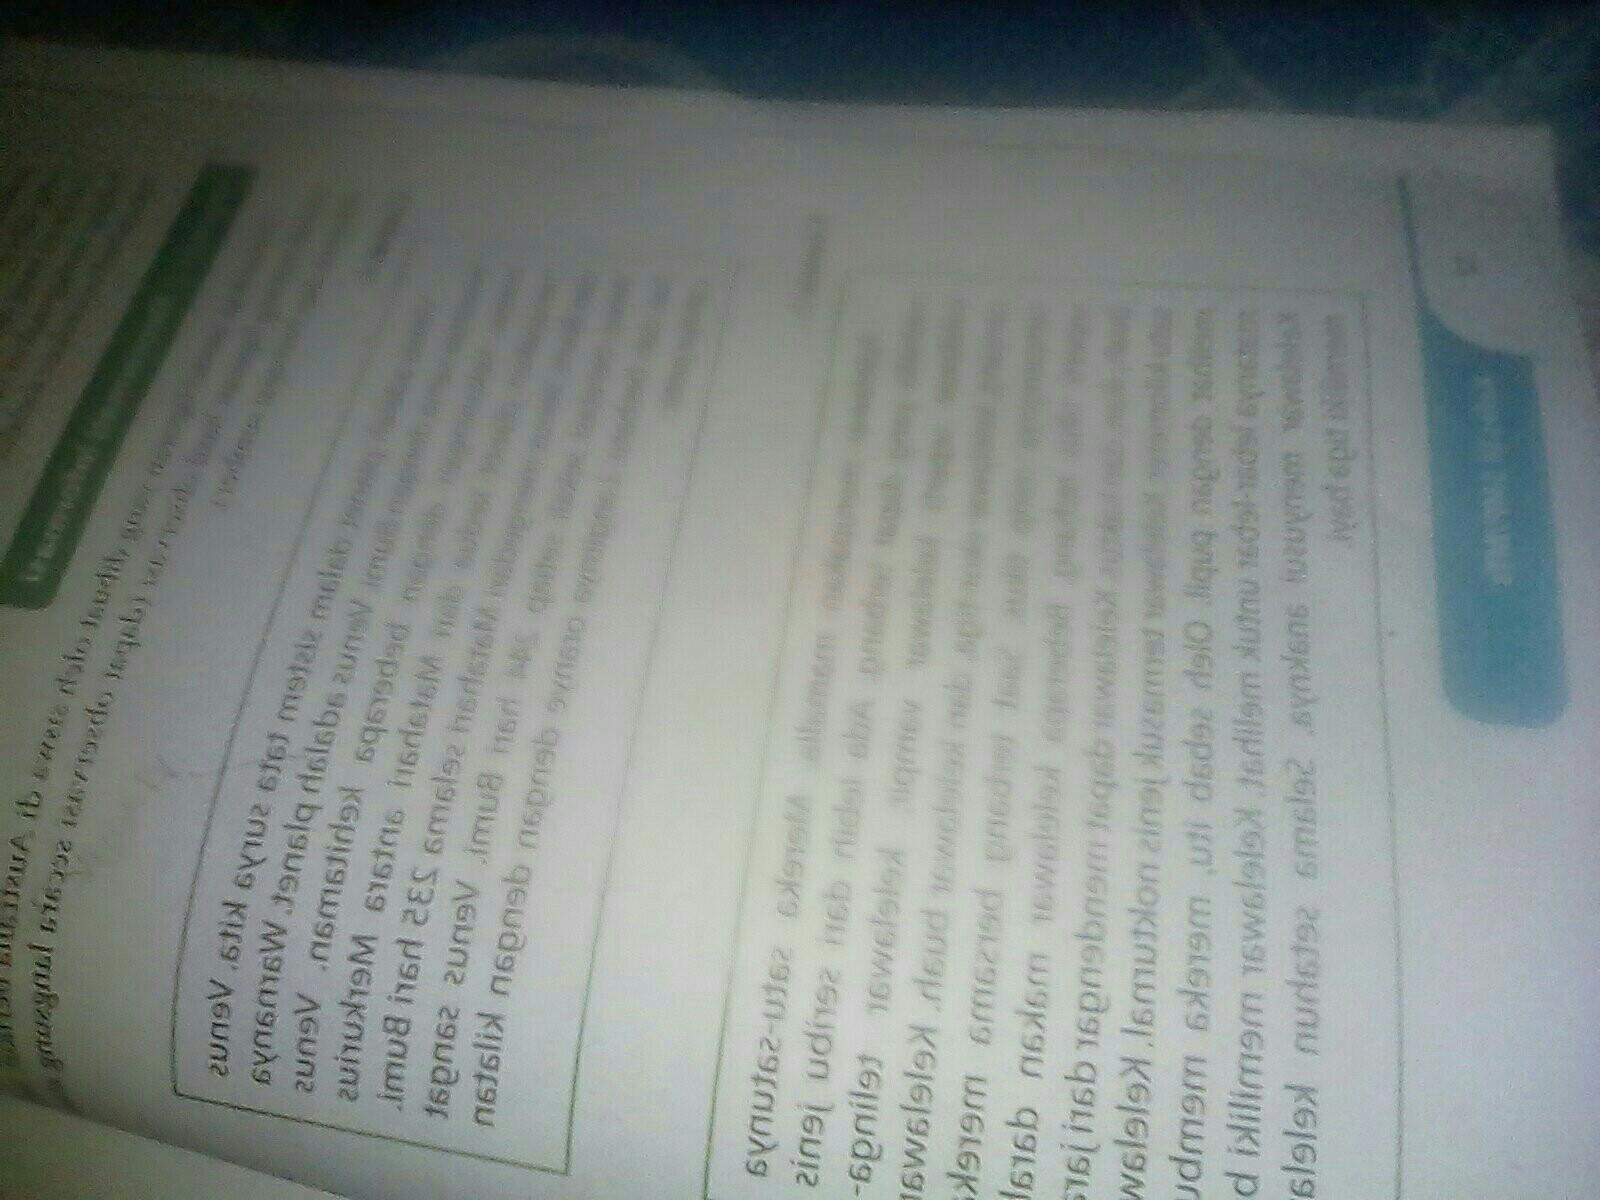 Kunci jawaban buku laket bahasa indonesia kelas 9 k13 revisi 2018. 1 Manakah Informasi Yg Kebih Jelas 2 Manakah Informasi Yg Lebih Lengkap 3 Apakah Kejelasan Brainly Co Id